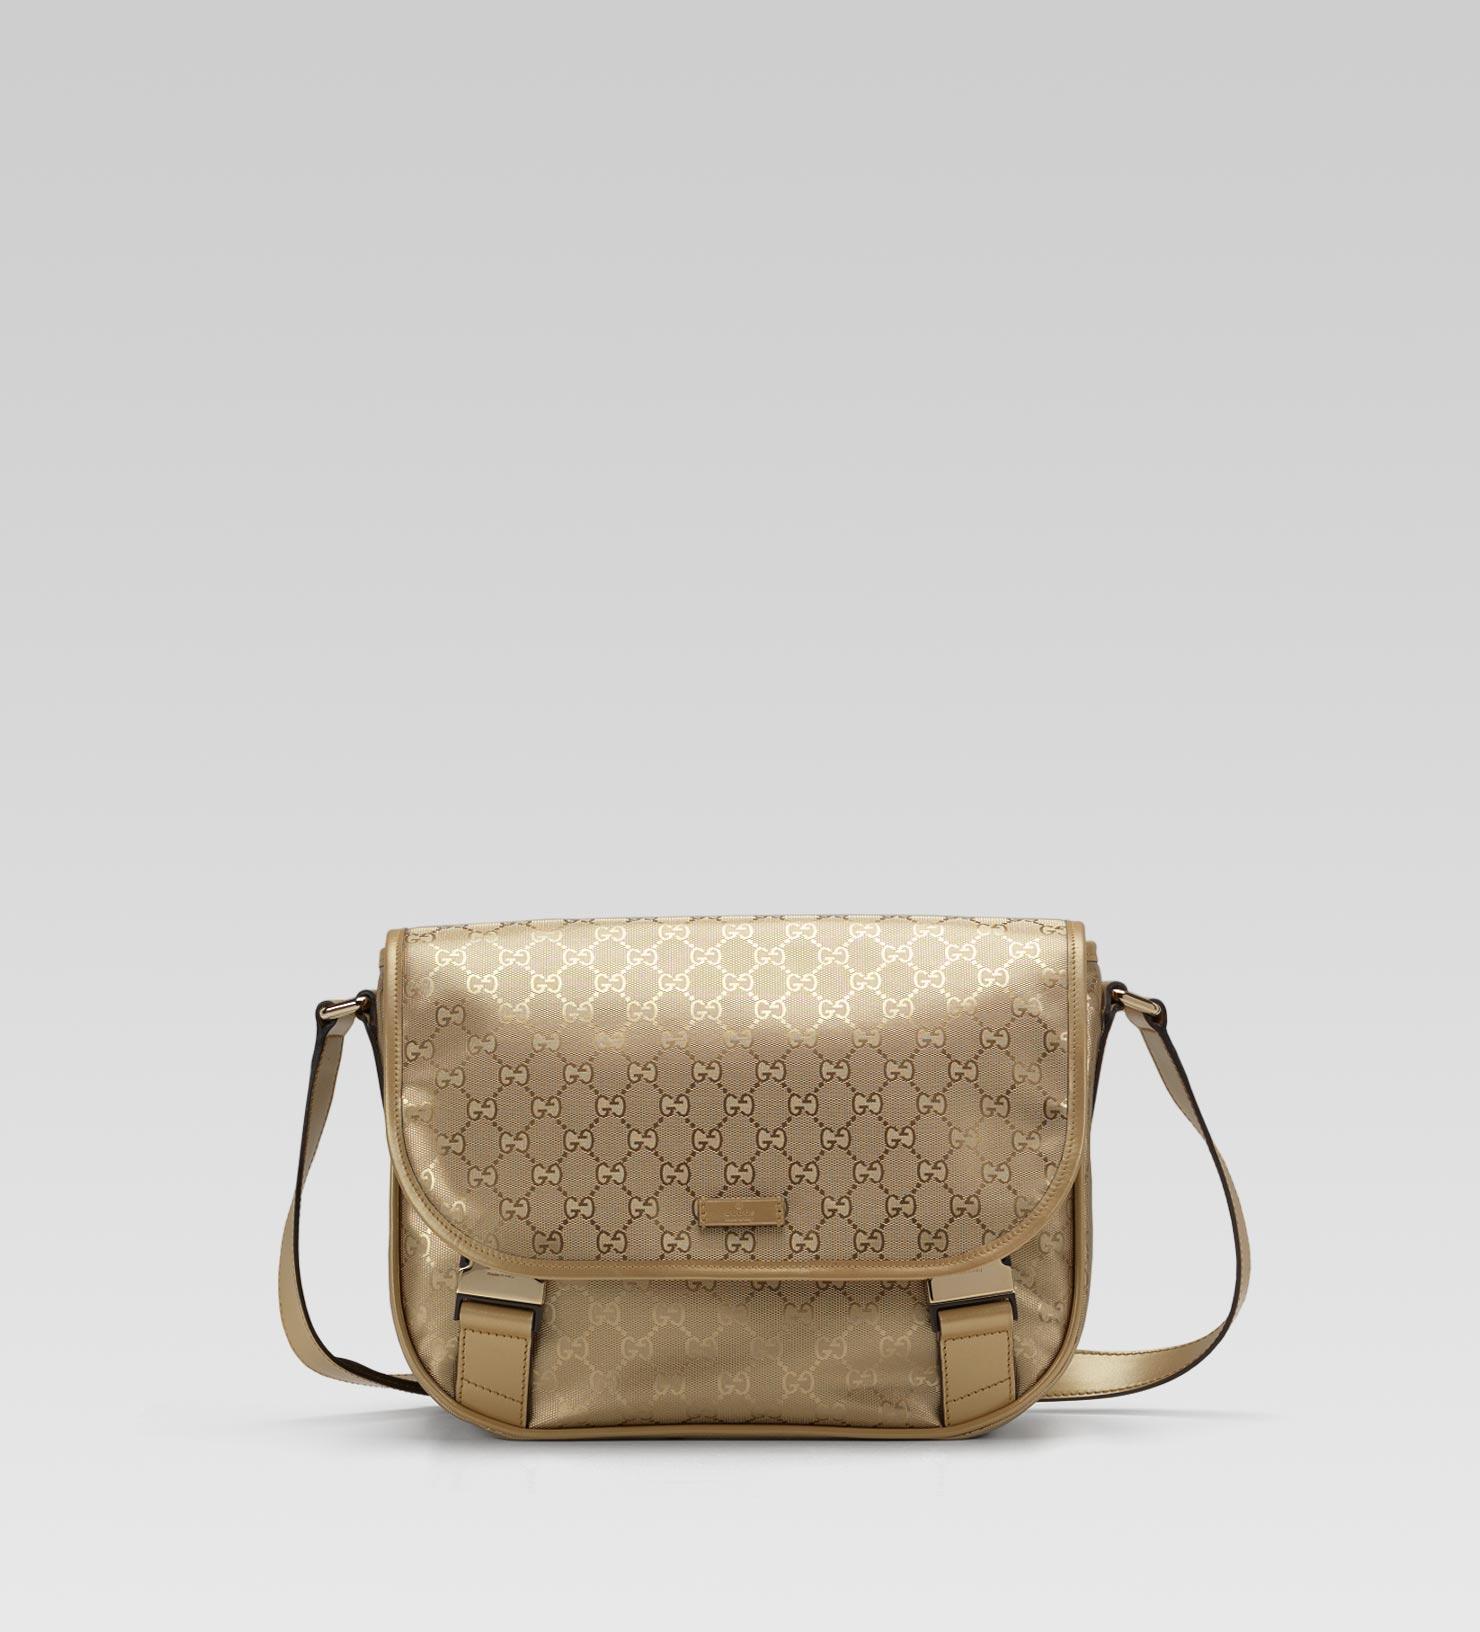 gucci medium messenger bag in metallic for men lyst. Black Bedroom Furniture Sets. Home Design Ideas